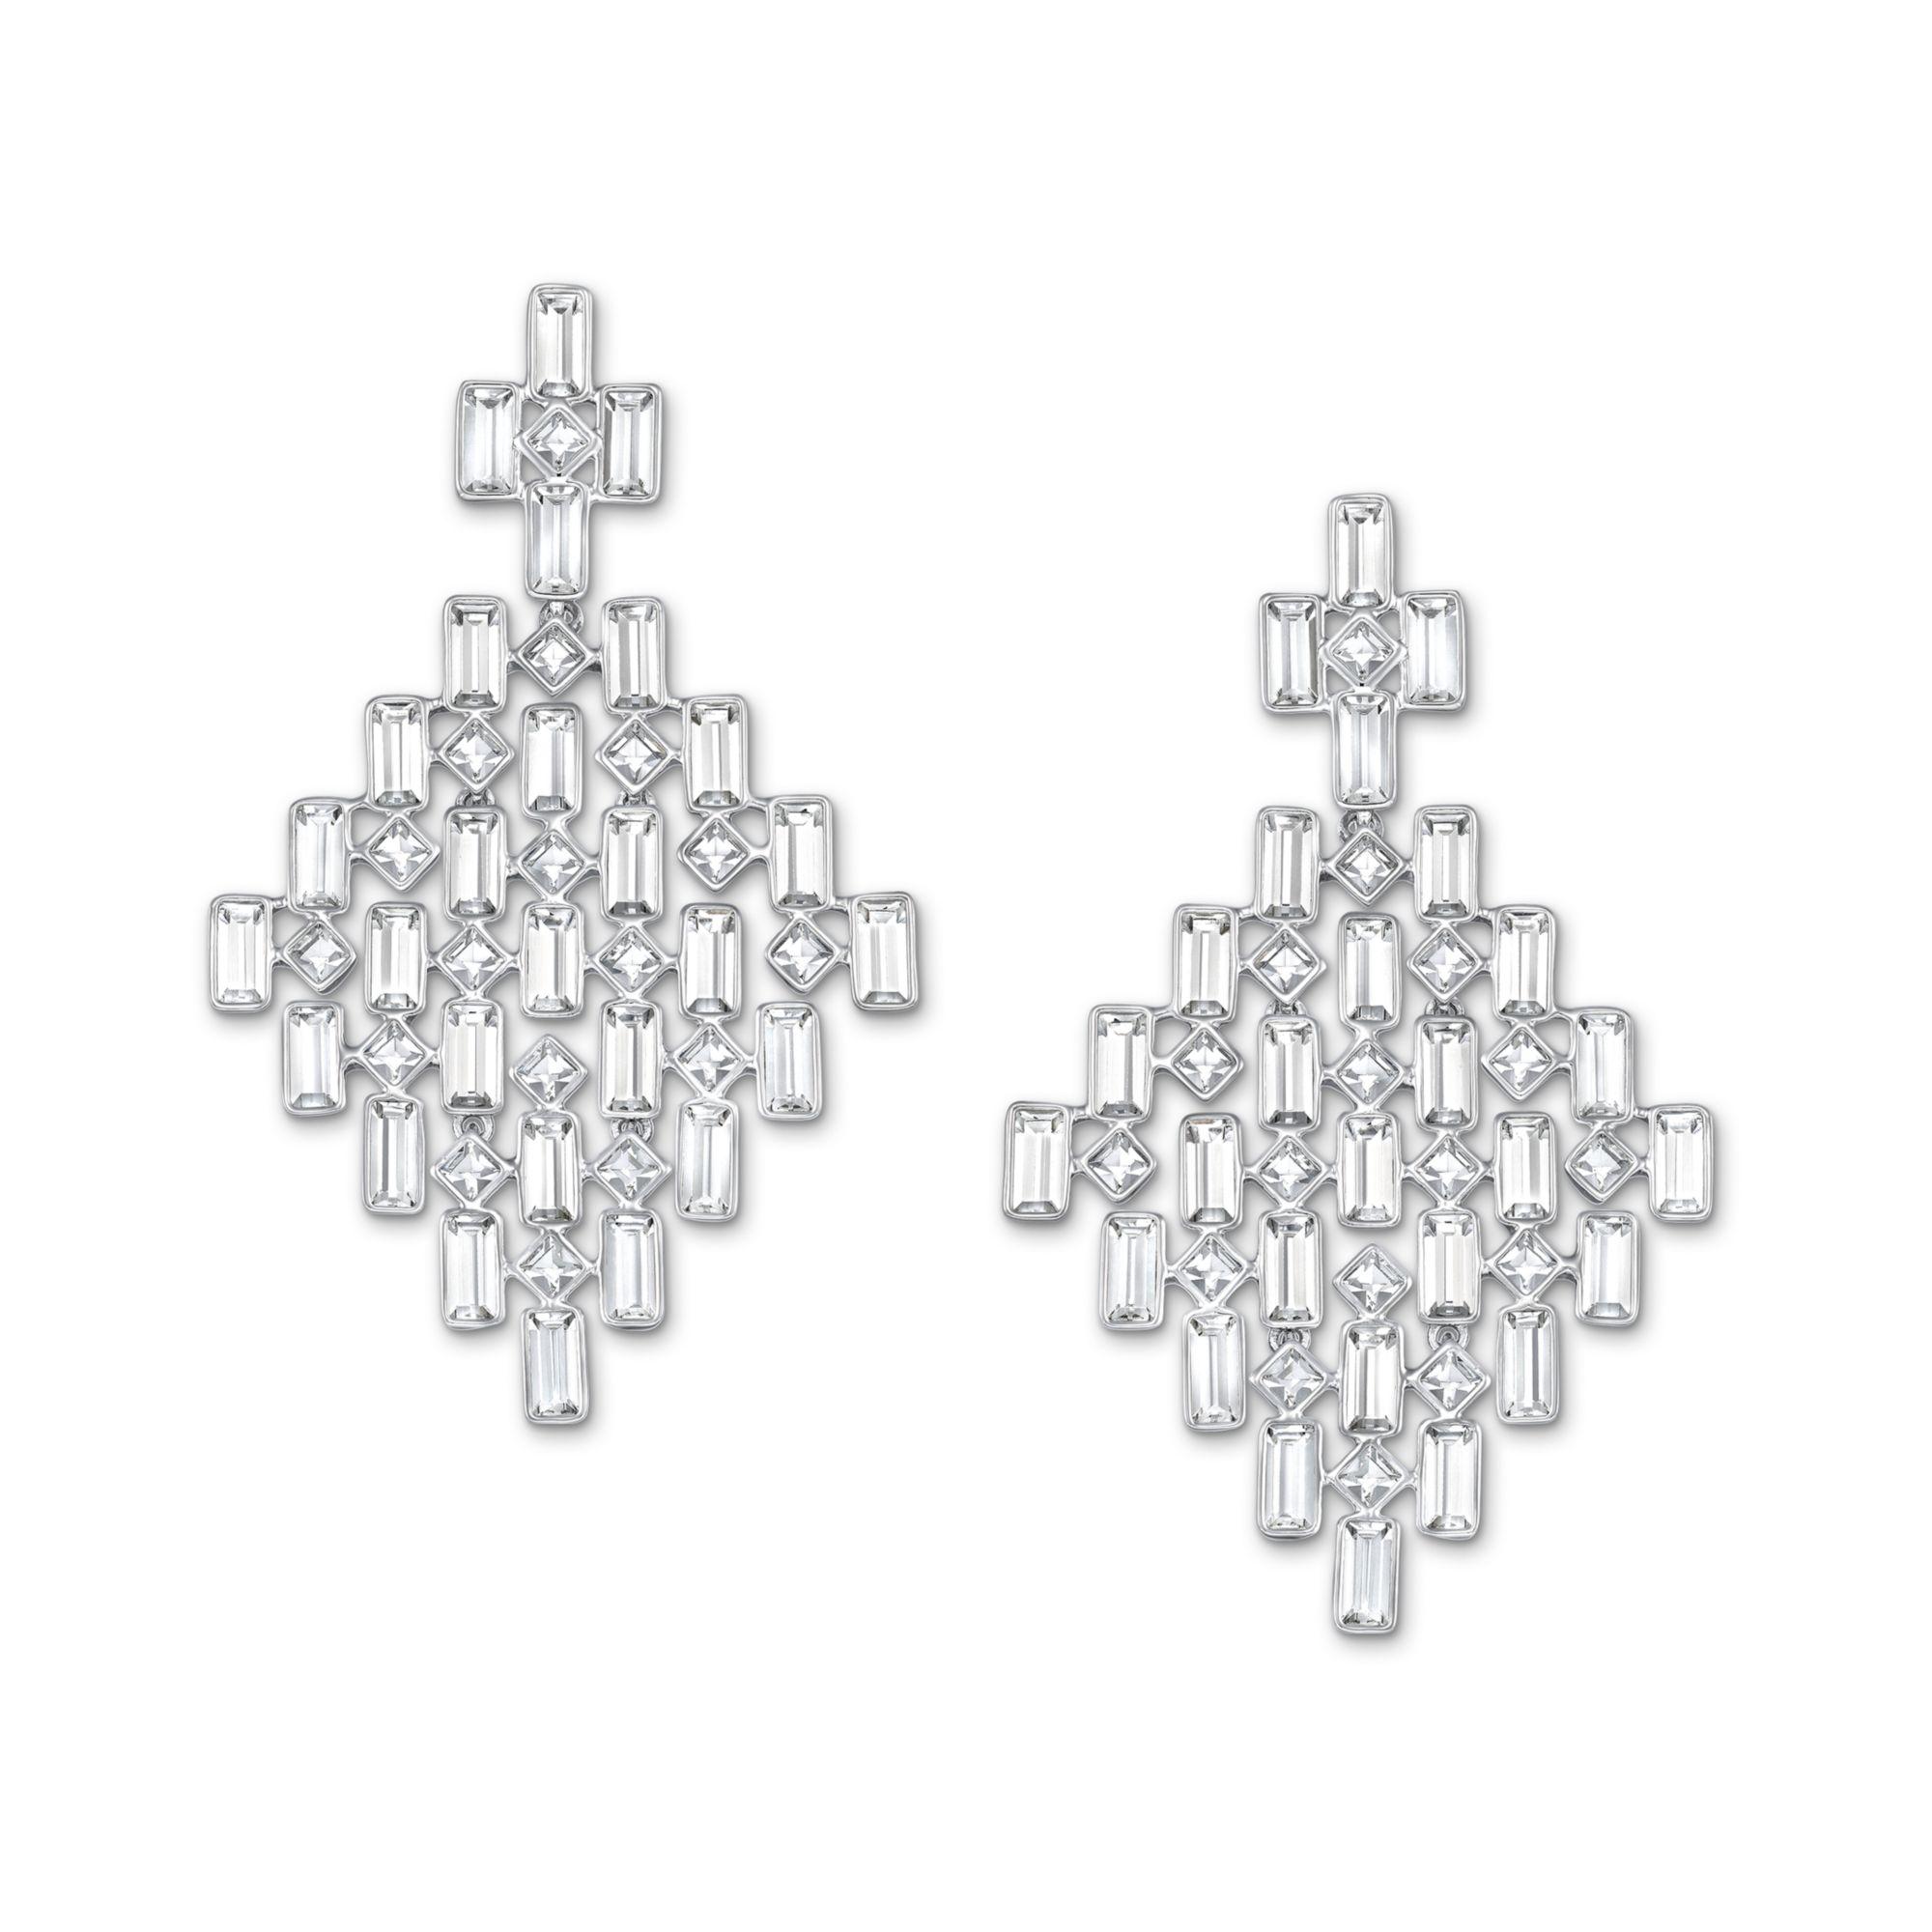 Swarovski Chandelier Earrings Chandeliers Design – Chandelier Crystal Earrings